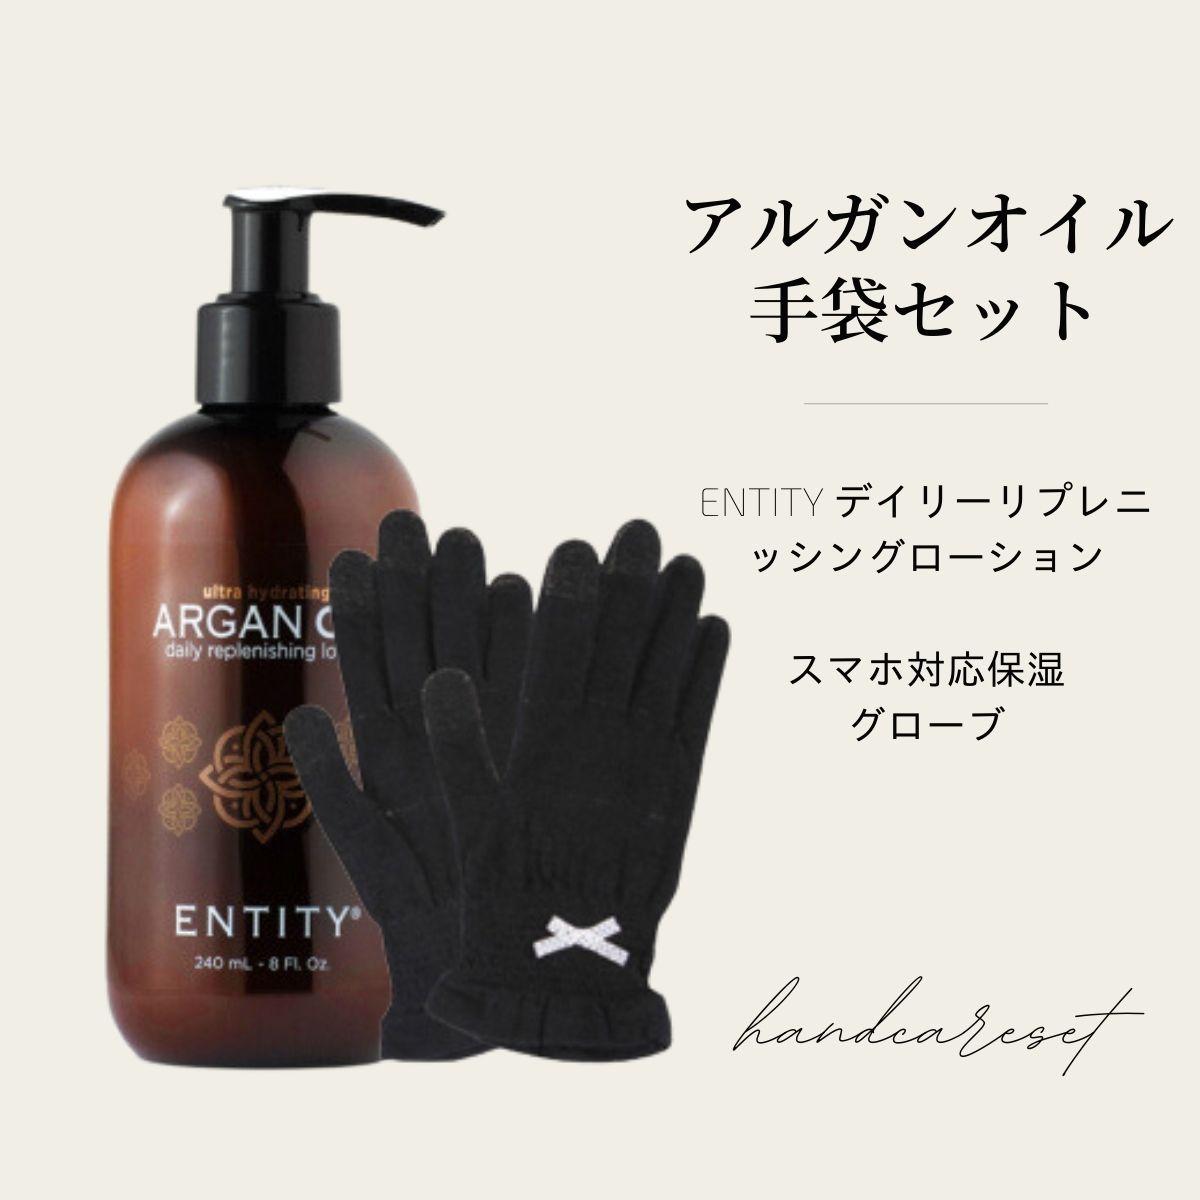 【宅配送料無料】アルガンオイル 240ml&手袋 保湿 潤い スマートフォン対応 ネイルケア ケア用品